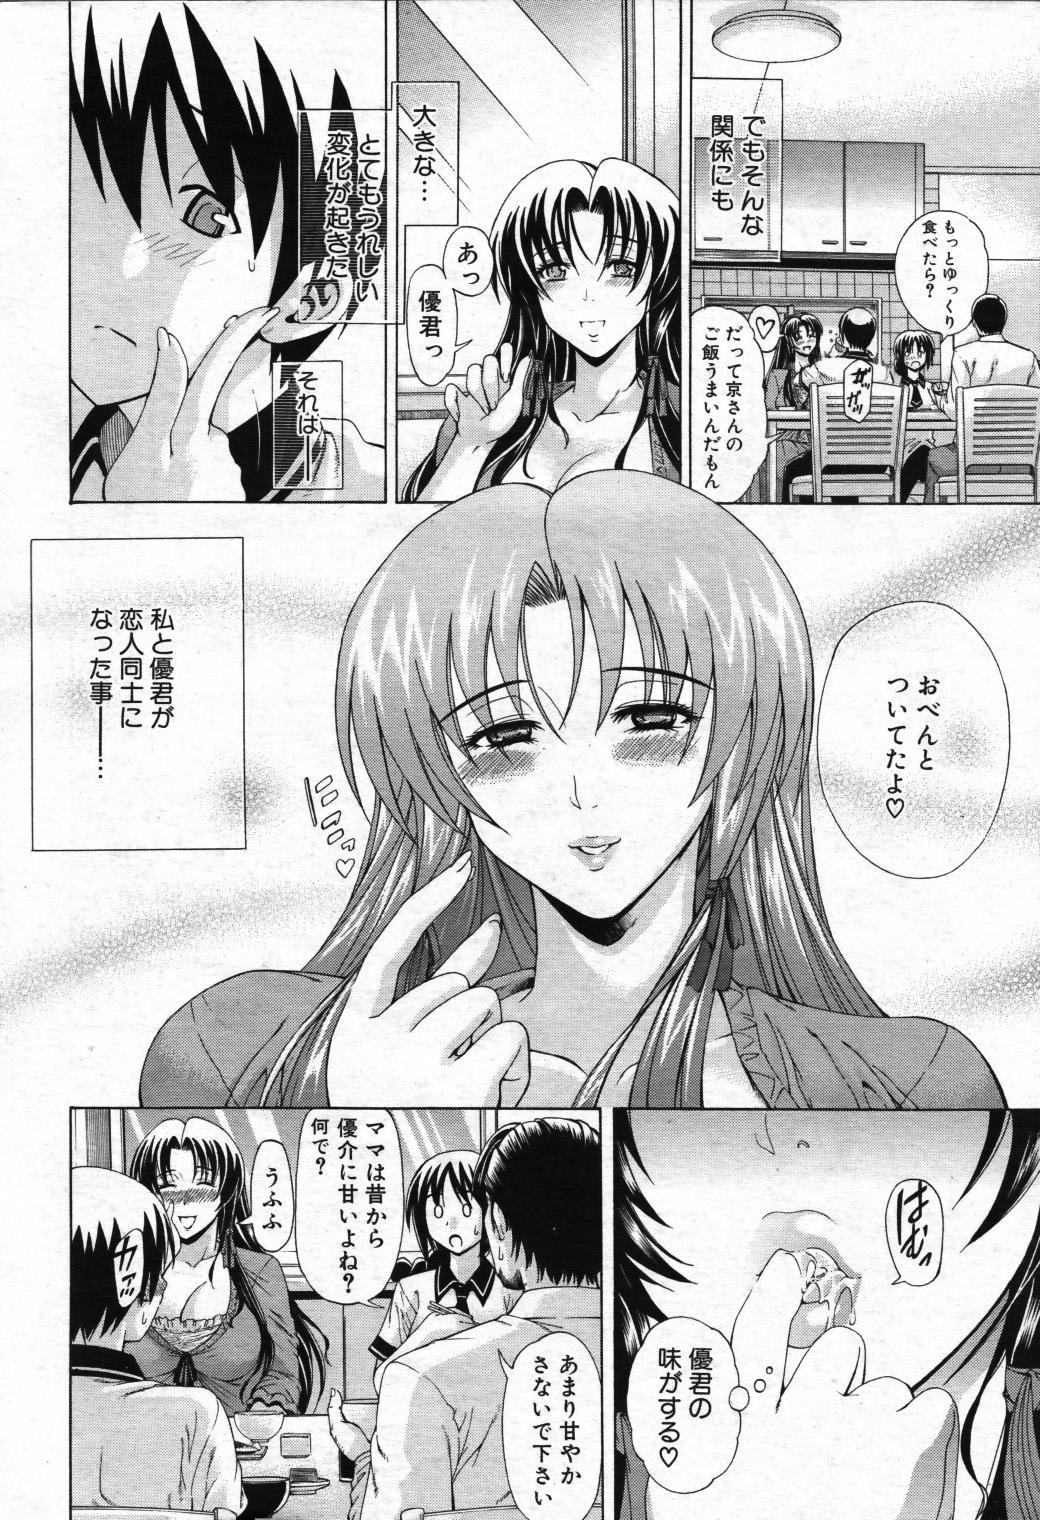 Himitsu no Sign - Secret Signature 7